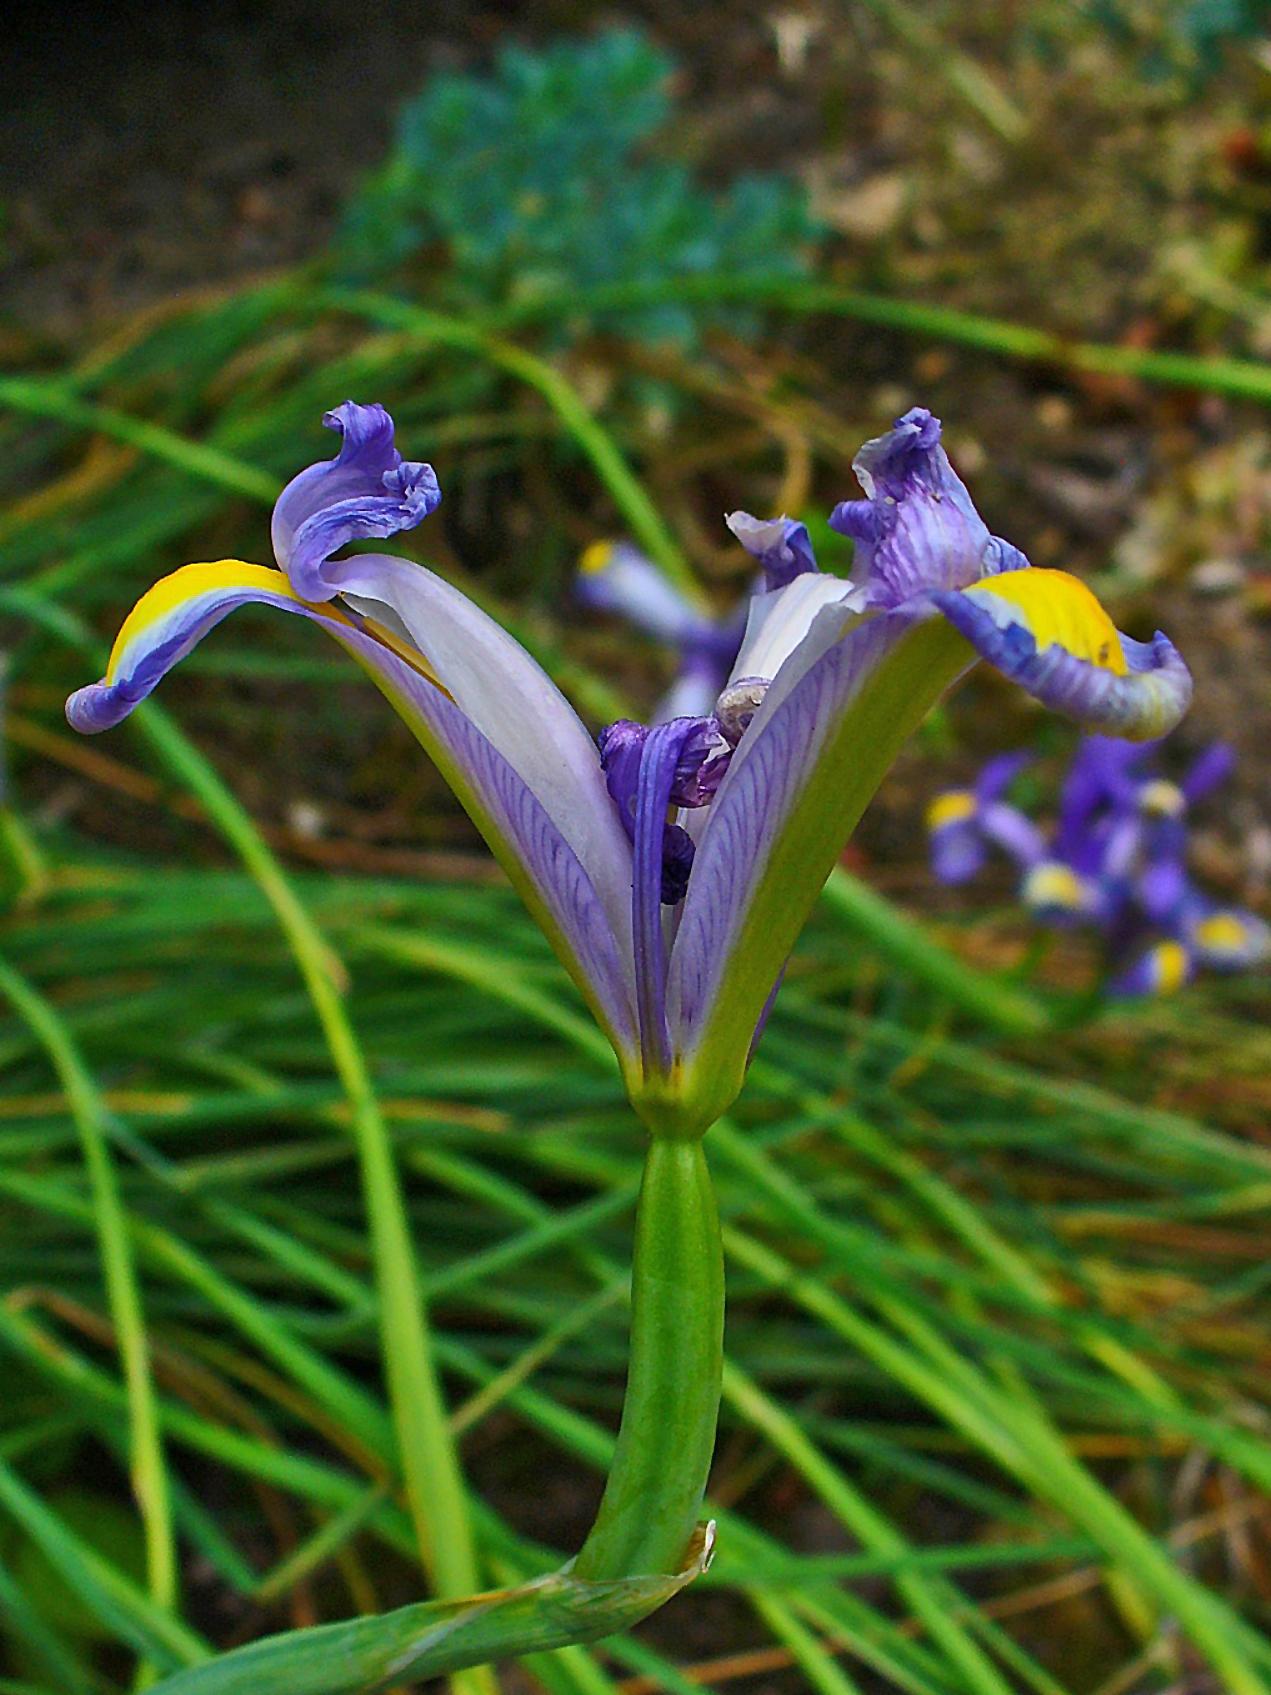 Image of Spanish iris